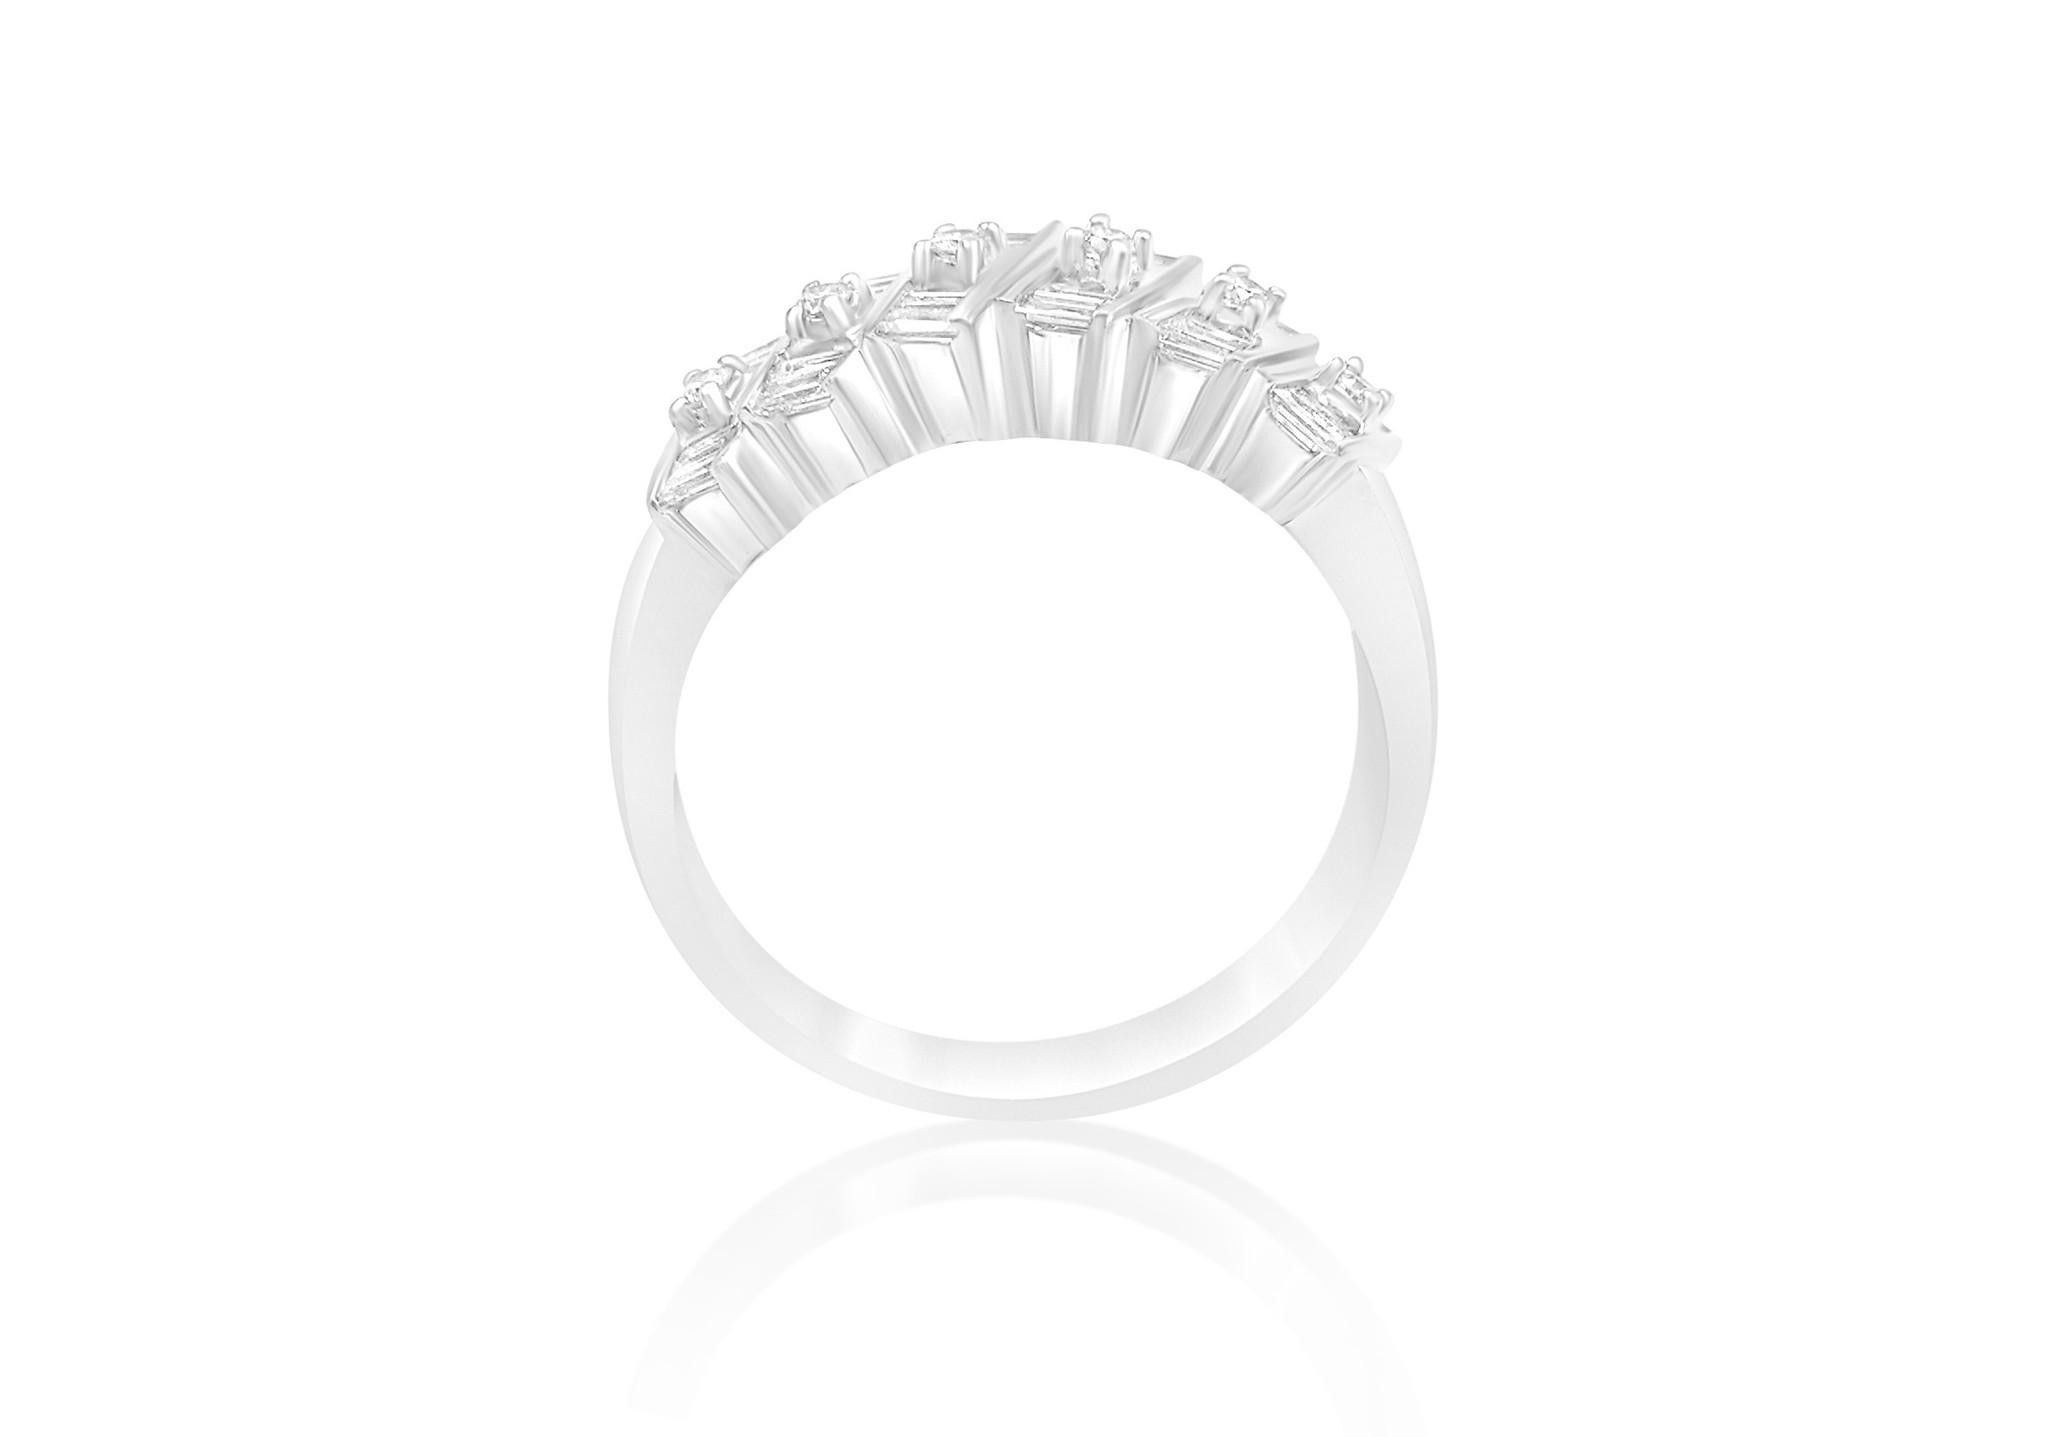 18kt wit goud ring met 0.65 CT diamanten